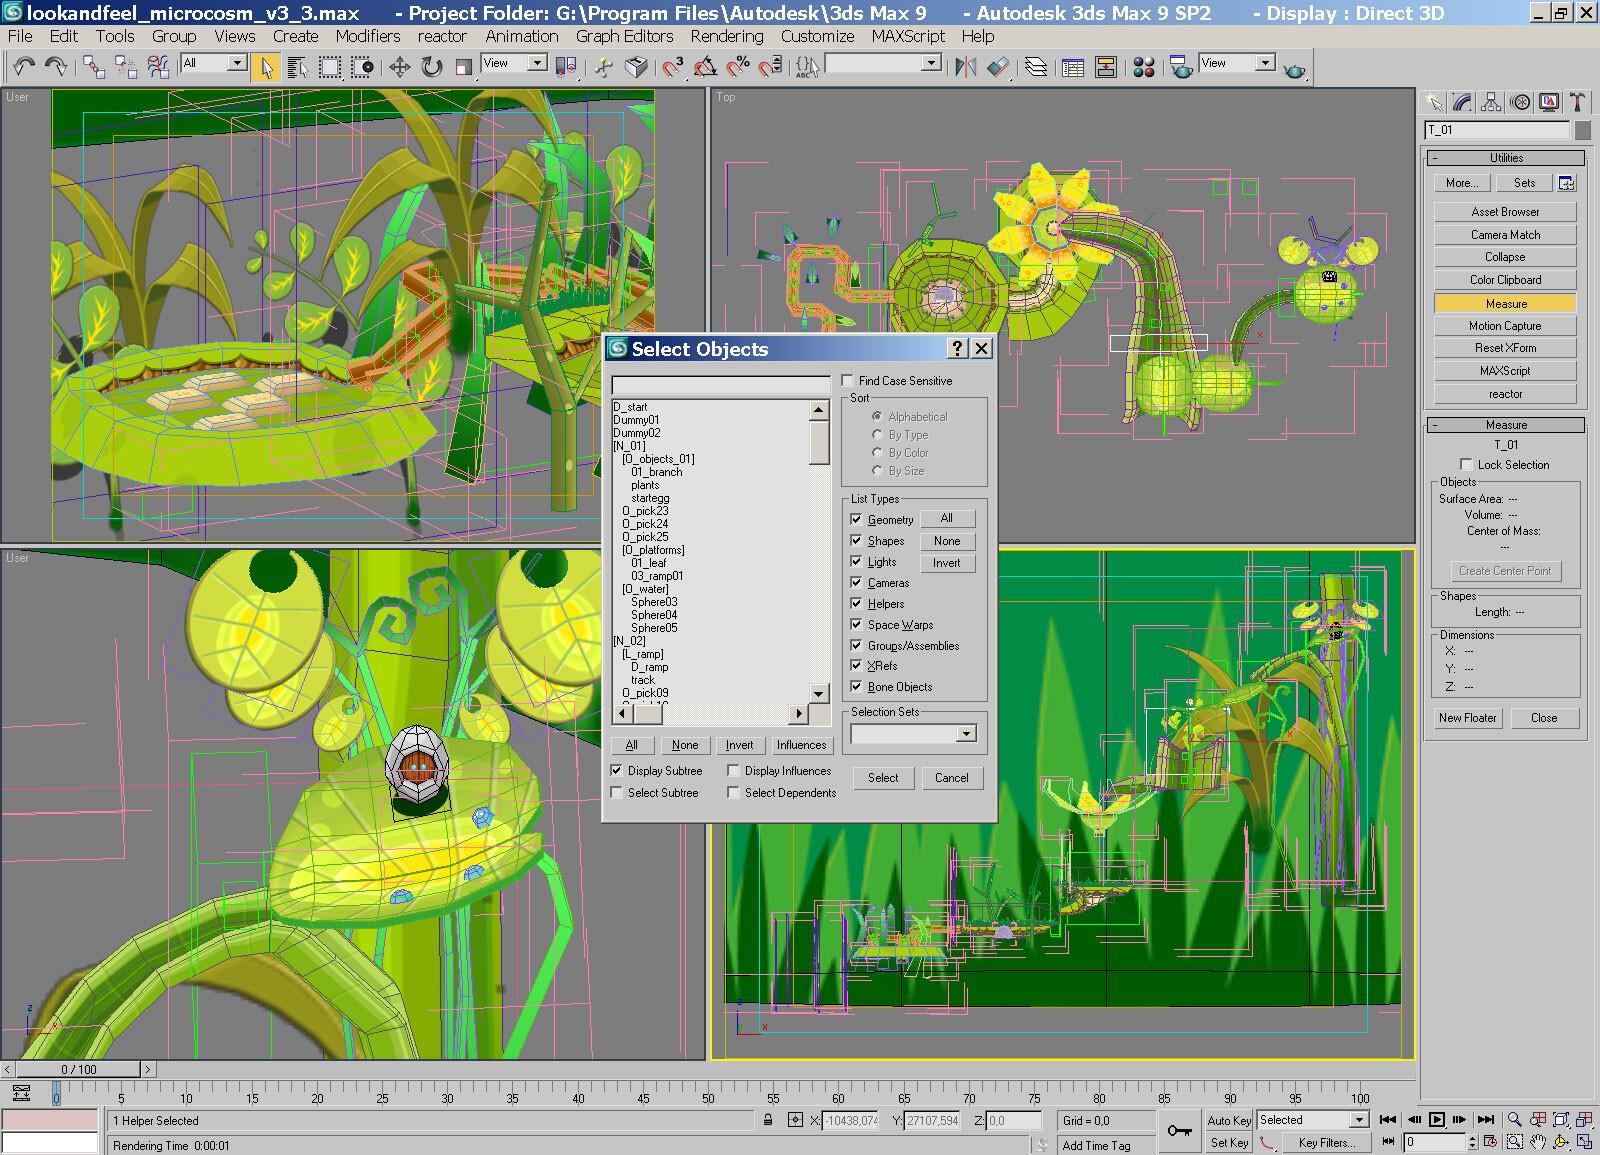 Level design & modeling made for Bounce evolution